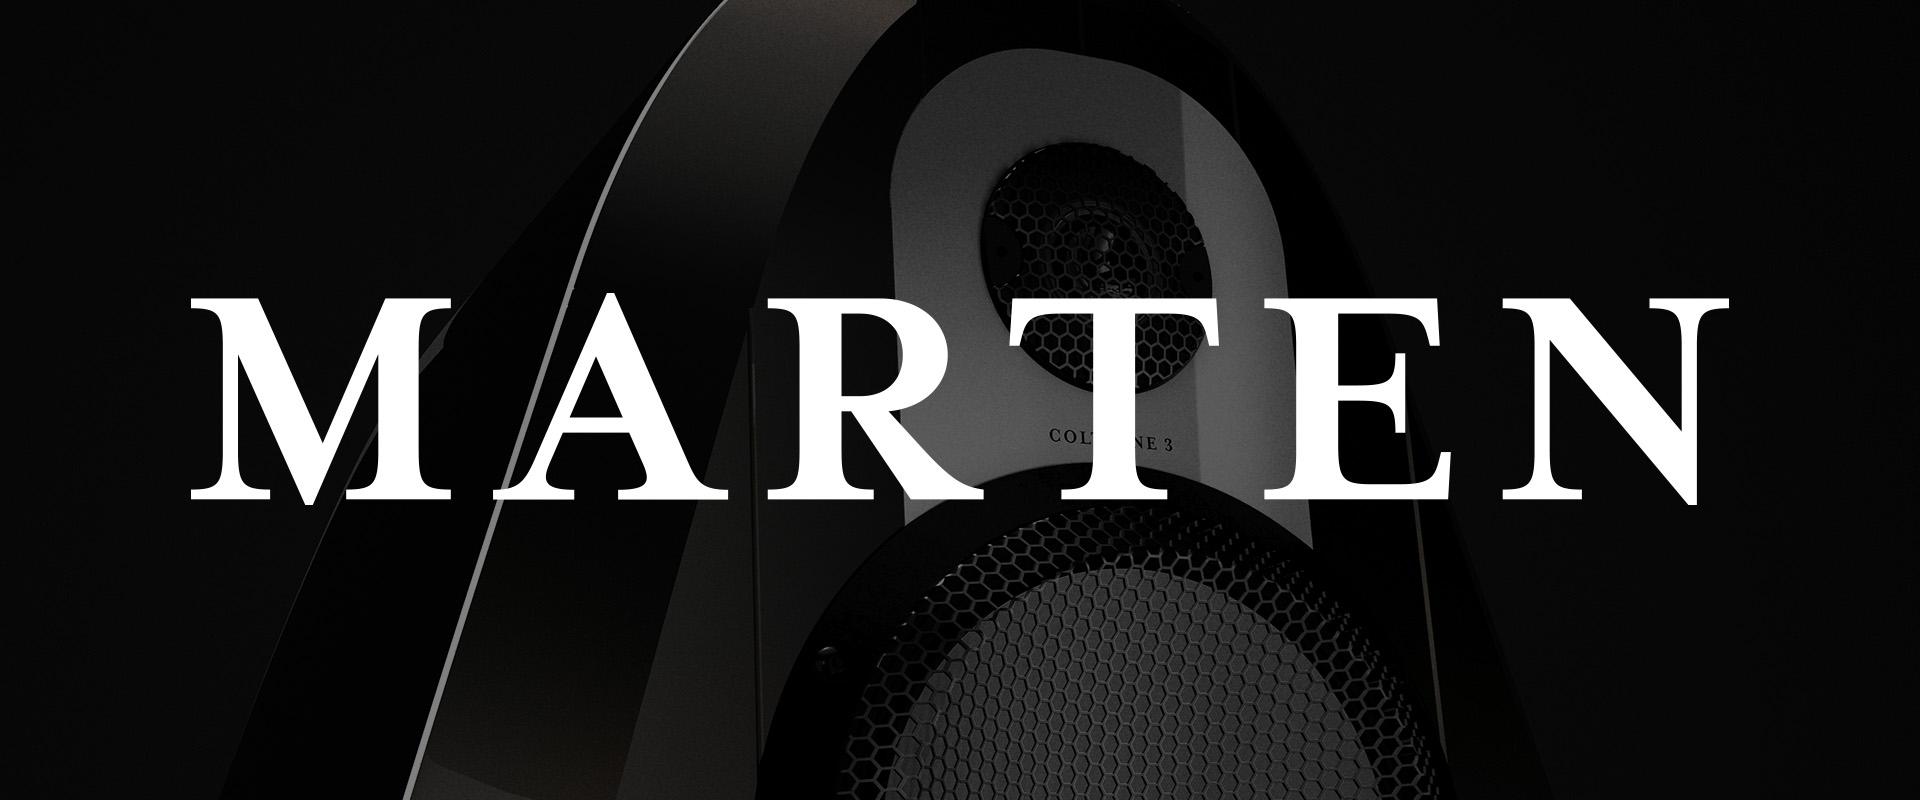 Marten - Chattelin Audio Systems